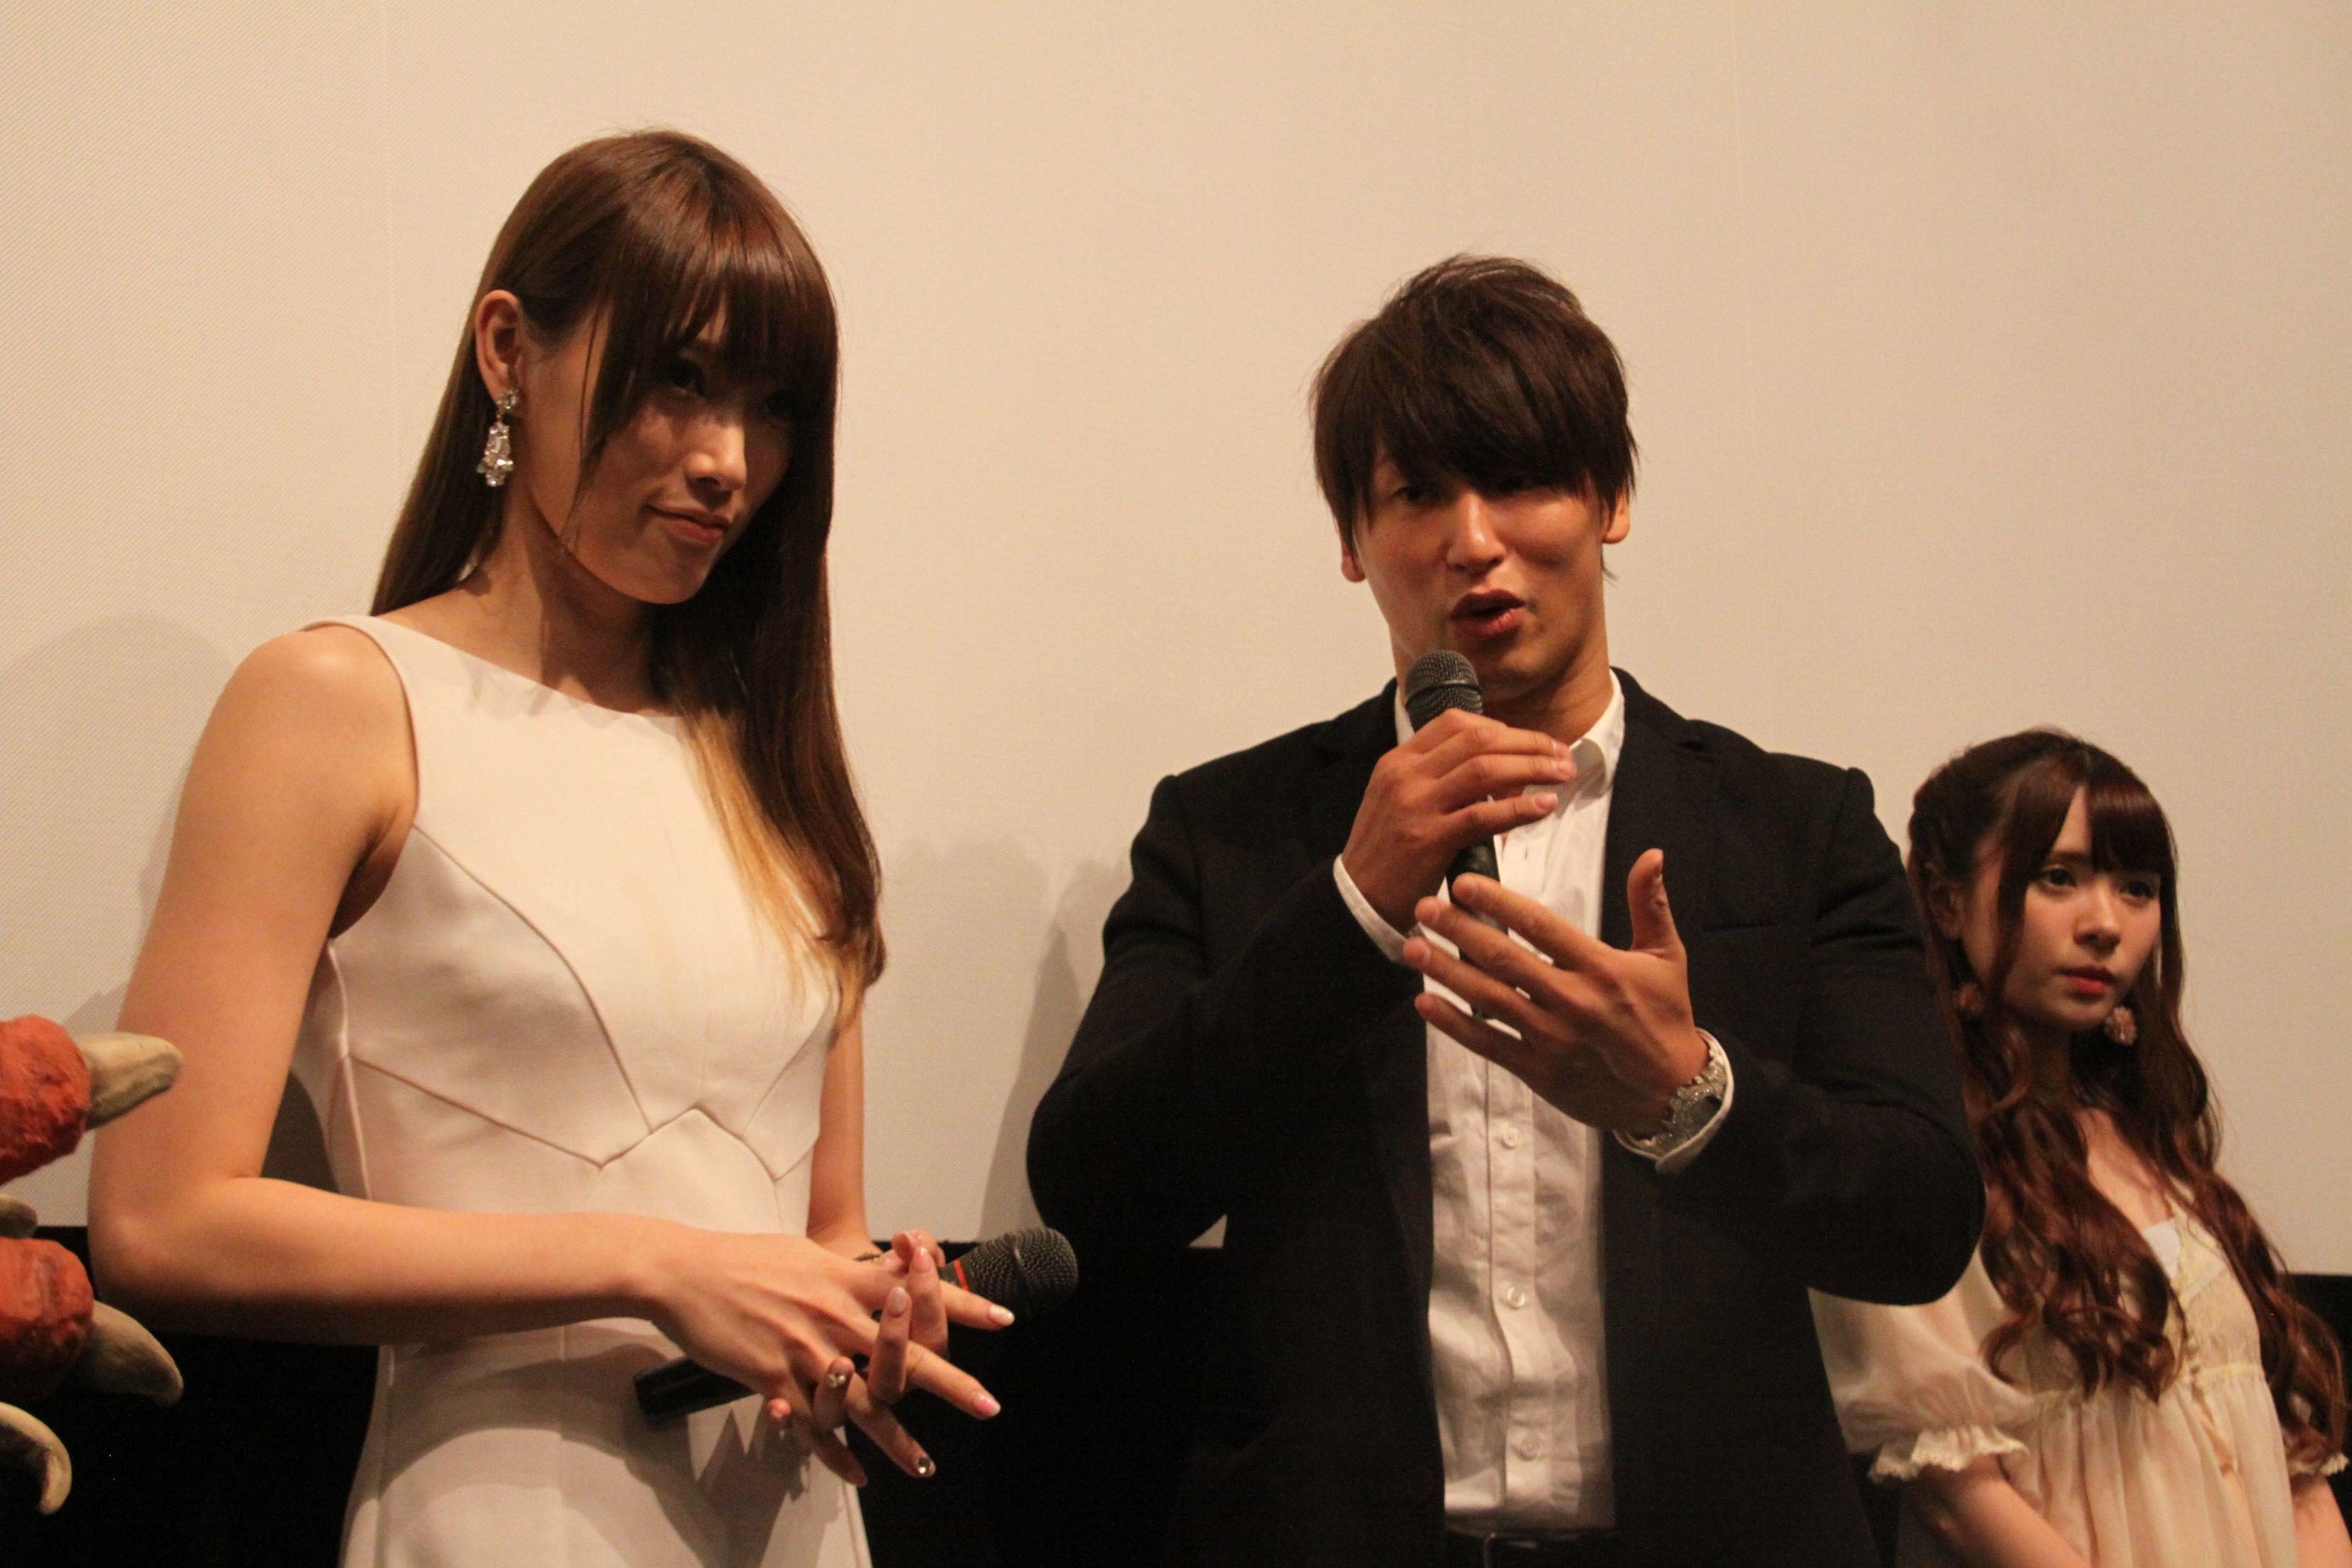 舞台挨拶開始10分後ぐらいに到着した飯伏幸太